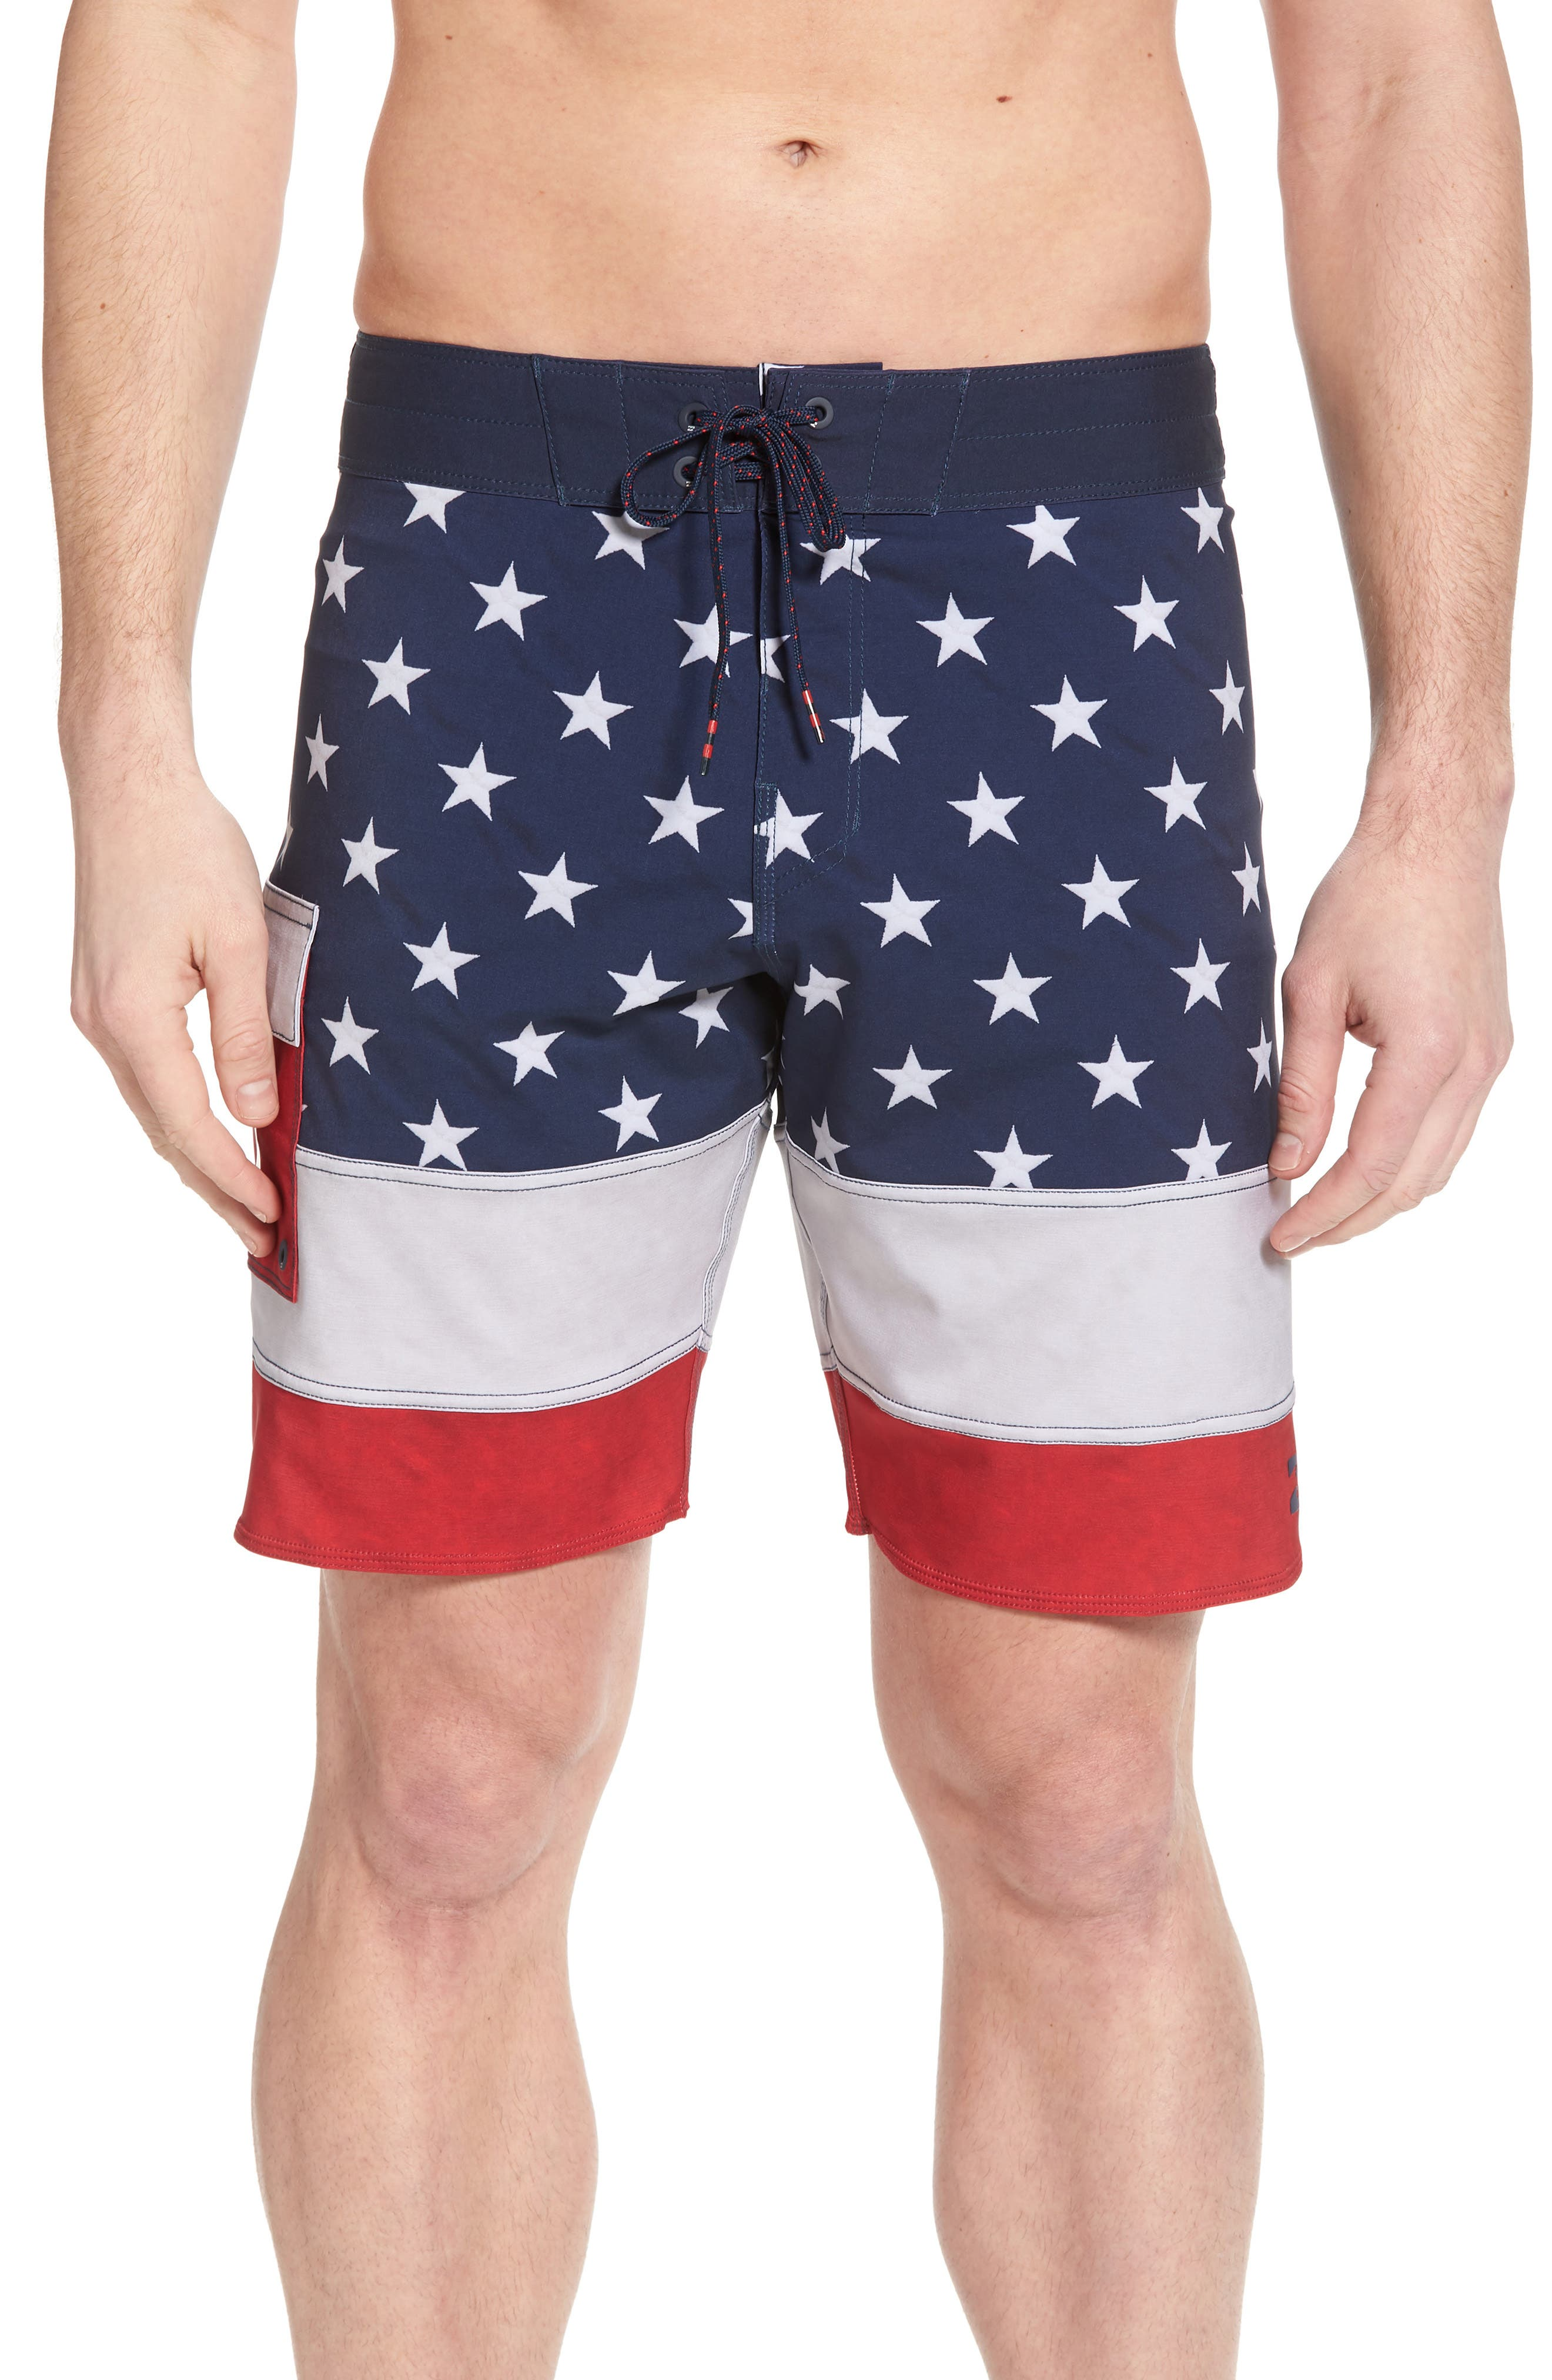 Pump X Board Shorts,                             Main thumbnail 1, color,                             400